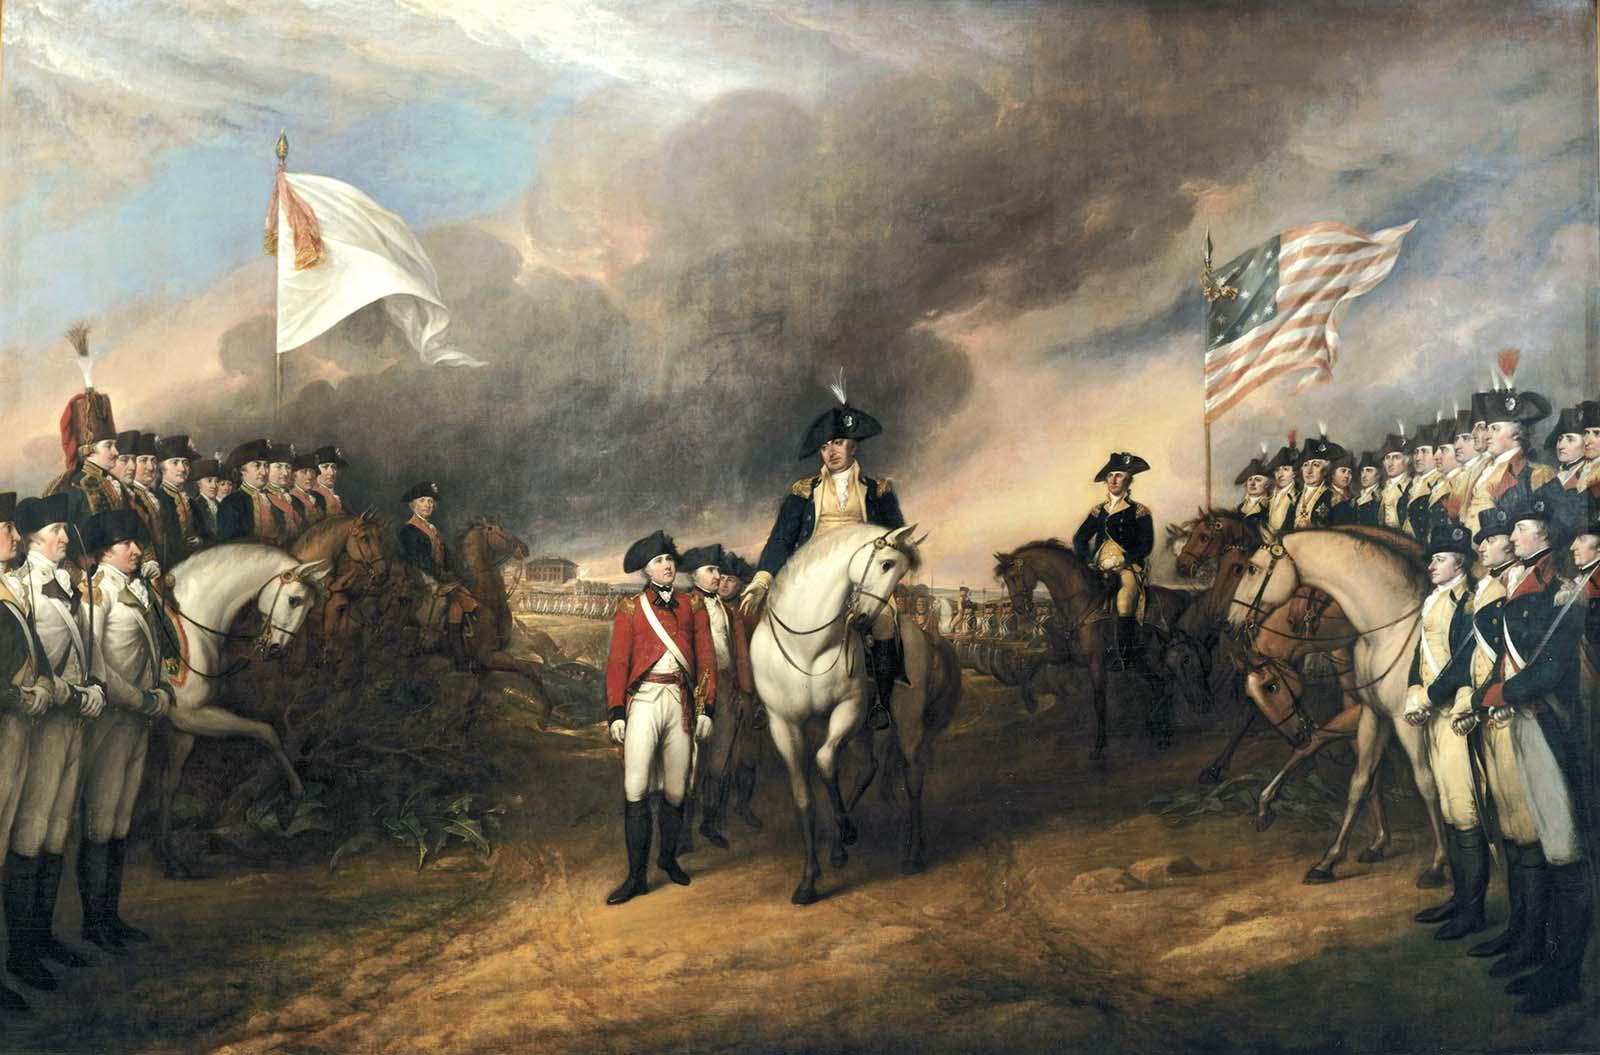 https://firebasestorage.googleapis.com/v0/b/fiveable-92889.appspot.com/o/images%2FSurrender_of_Lord_Cornwallis.jpg?alt=media&token=7be470c8-d723-449c-858f-0699cbd07abb